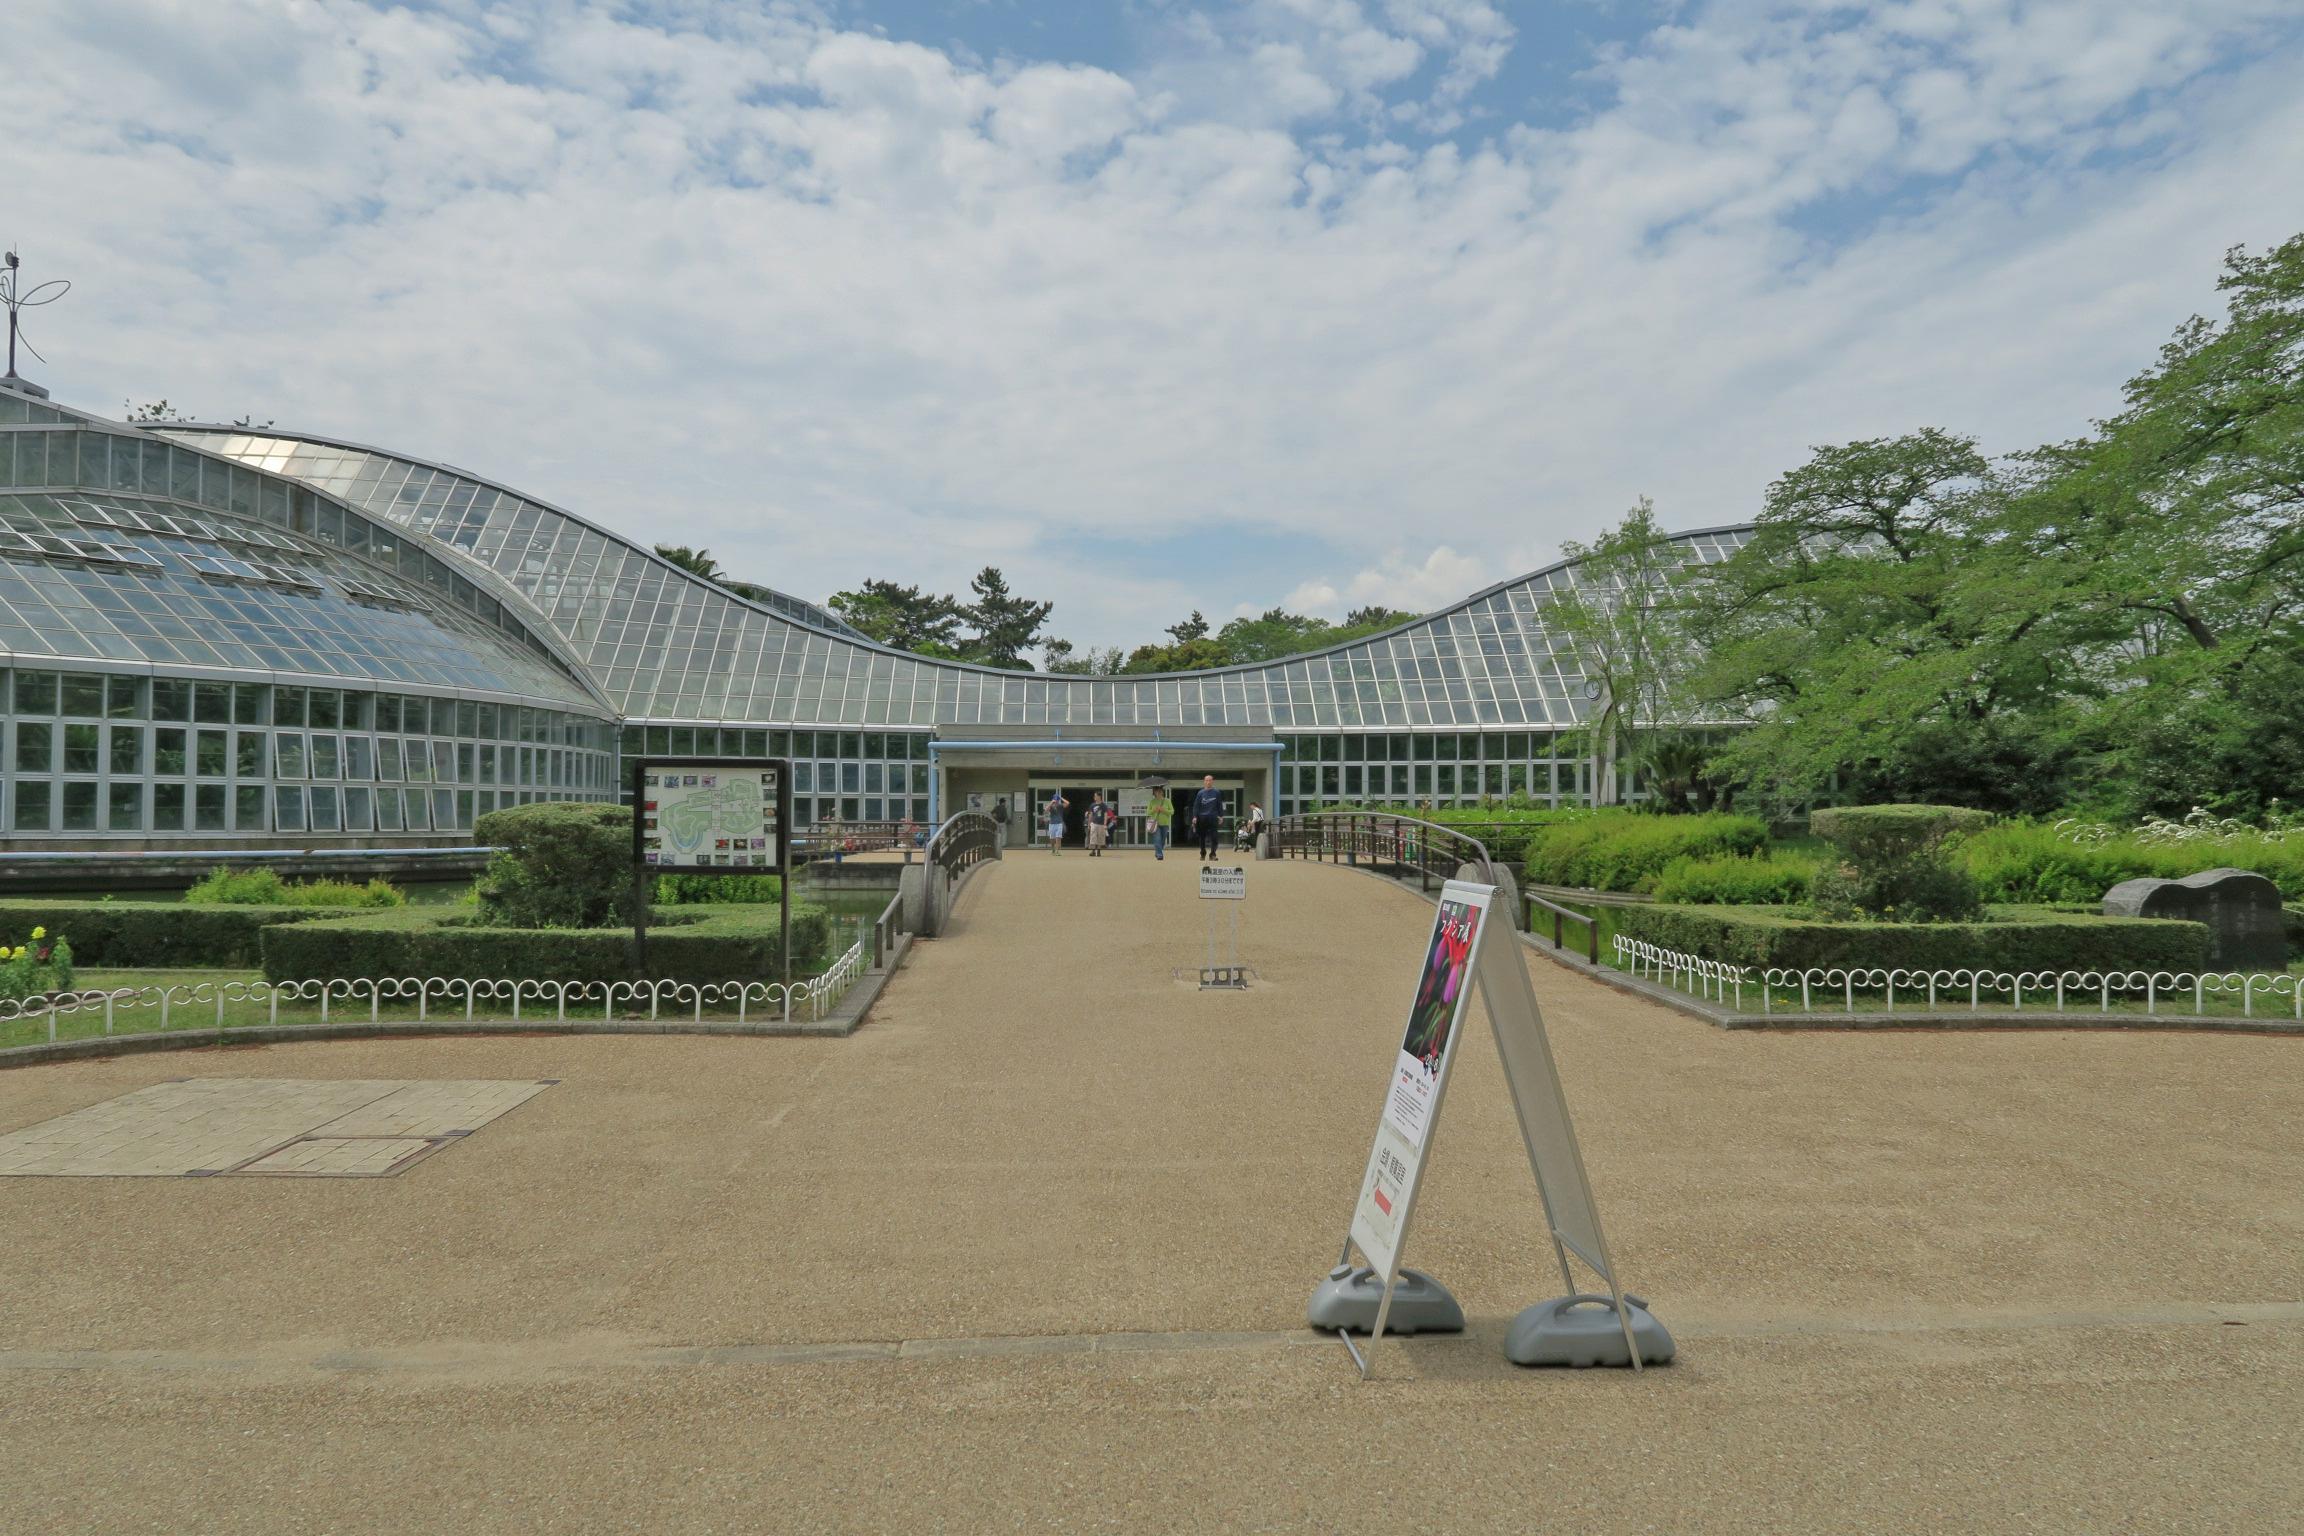 観覧温室の入口。建物の形は北山連峰のシルエットを取り入れているそうです。日本最大級の温室。